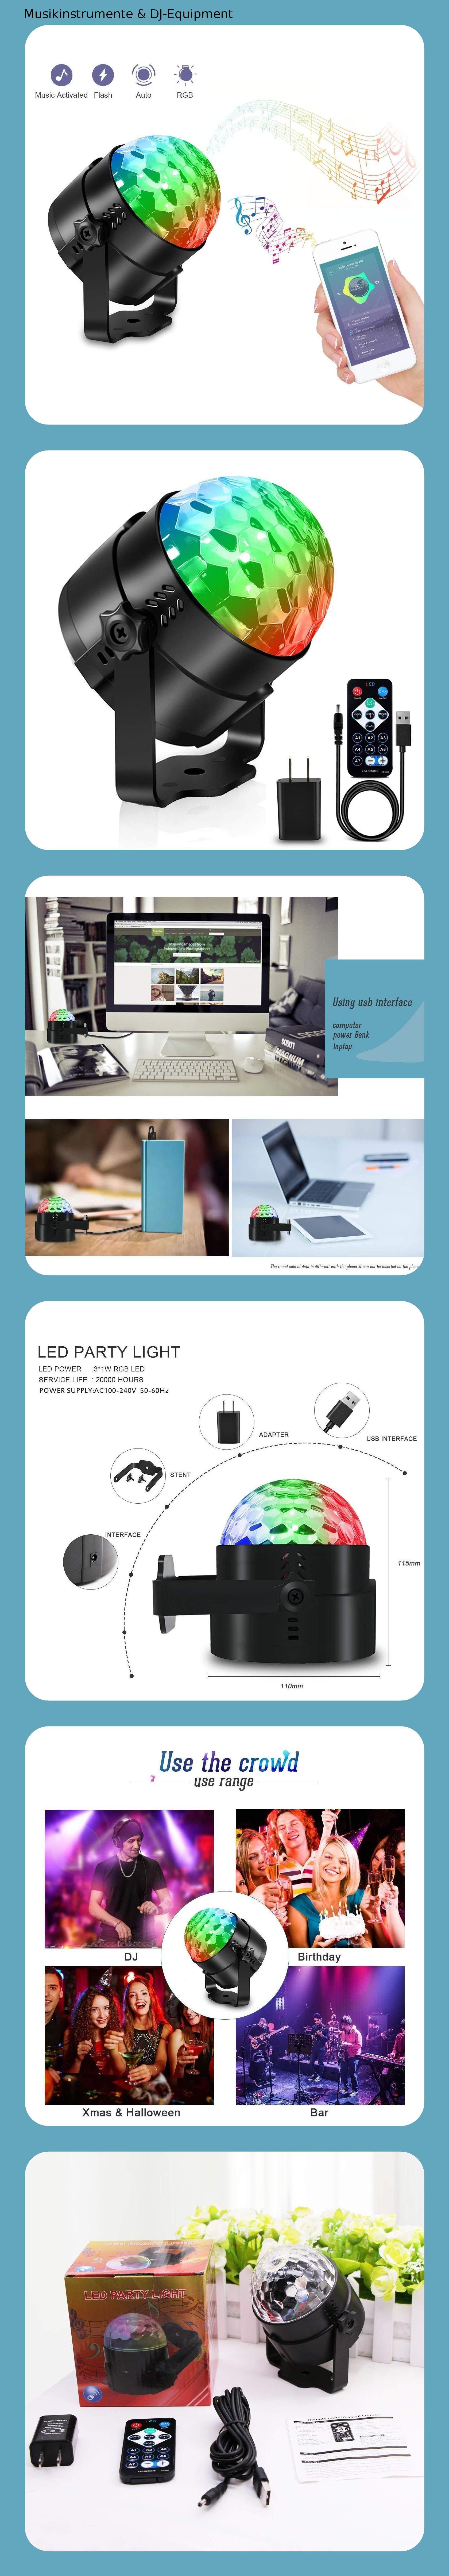 Discokugel LED, Karrong USB Kinder Discolicht Partylicht ...